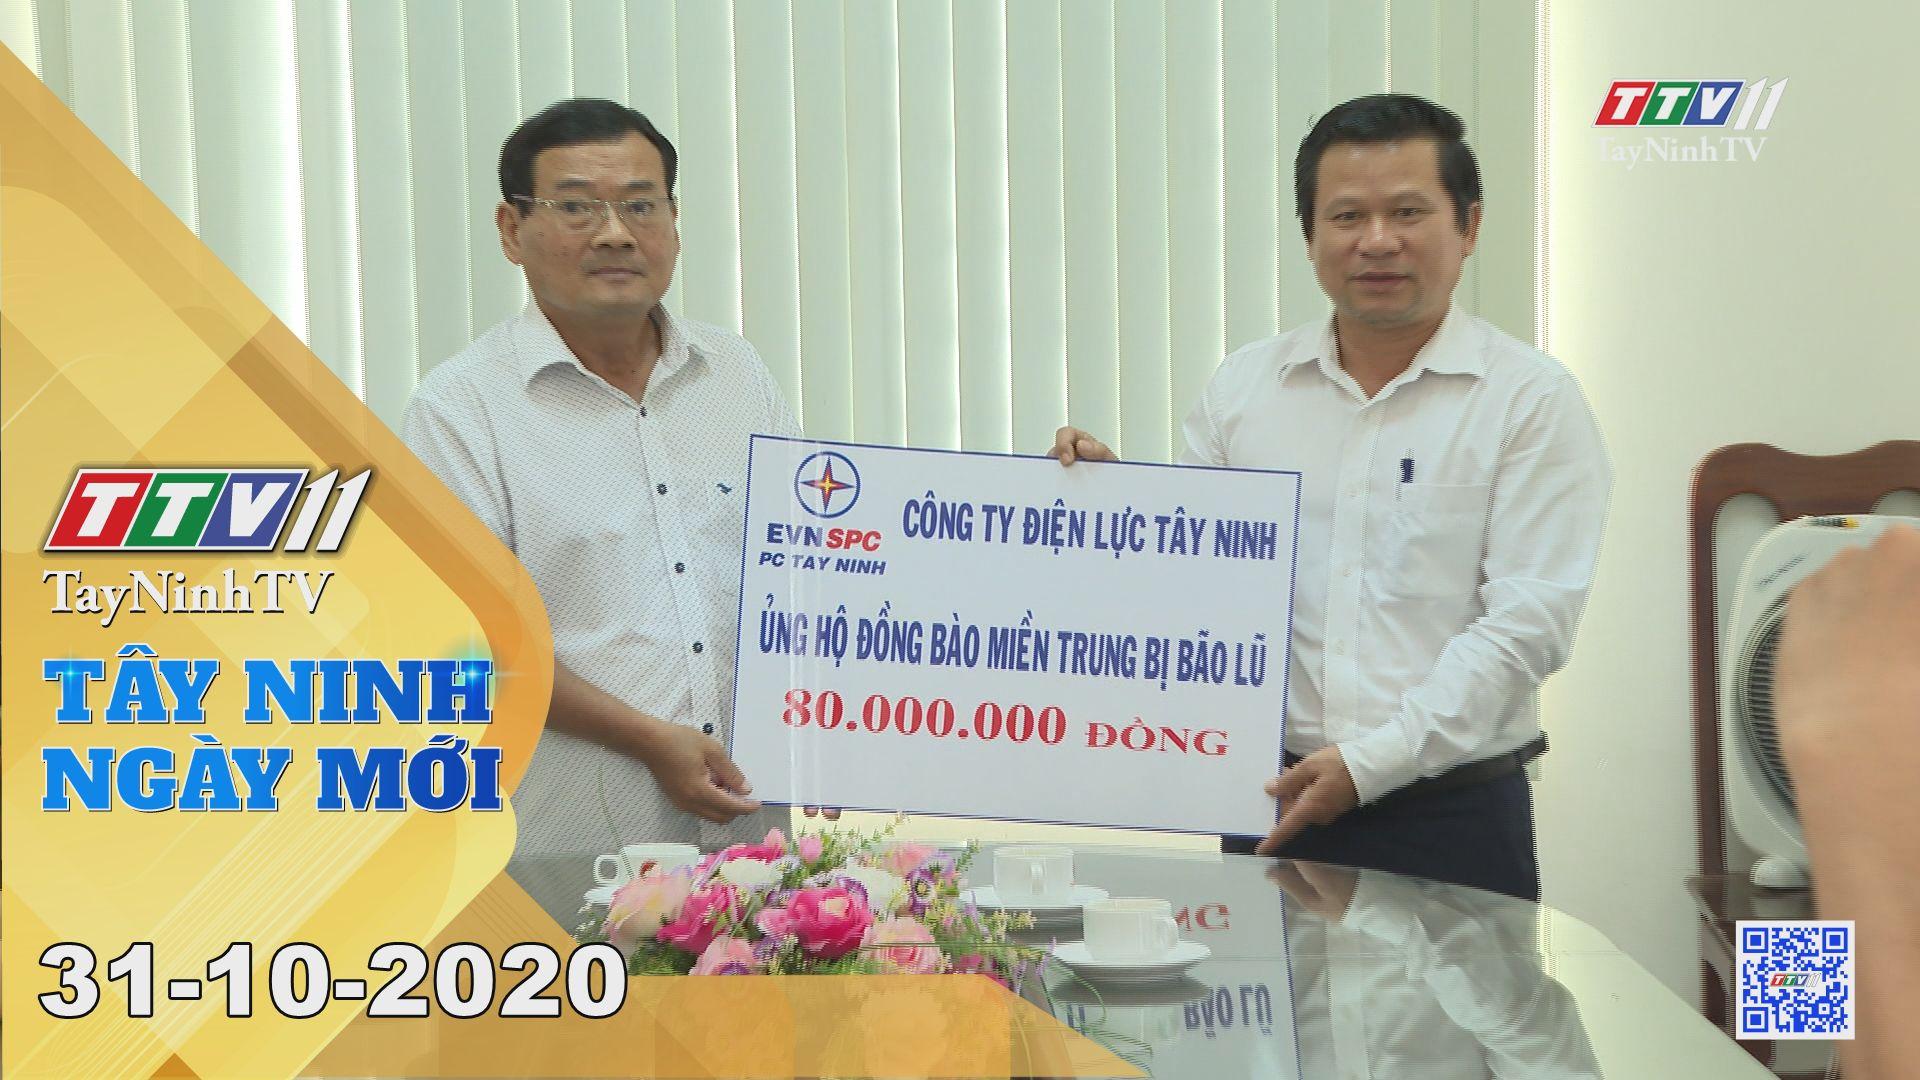 Tây Ninh Ngày Mới 31-10-2020 | Tin tức hôm nay | TayNinhTV